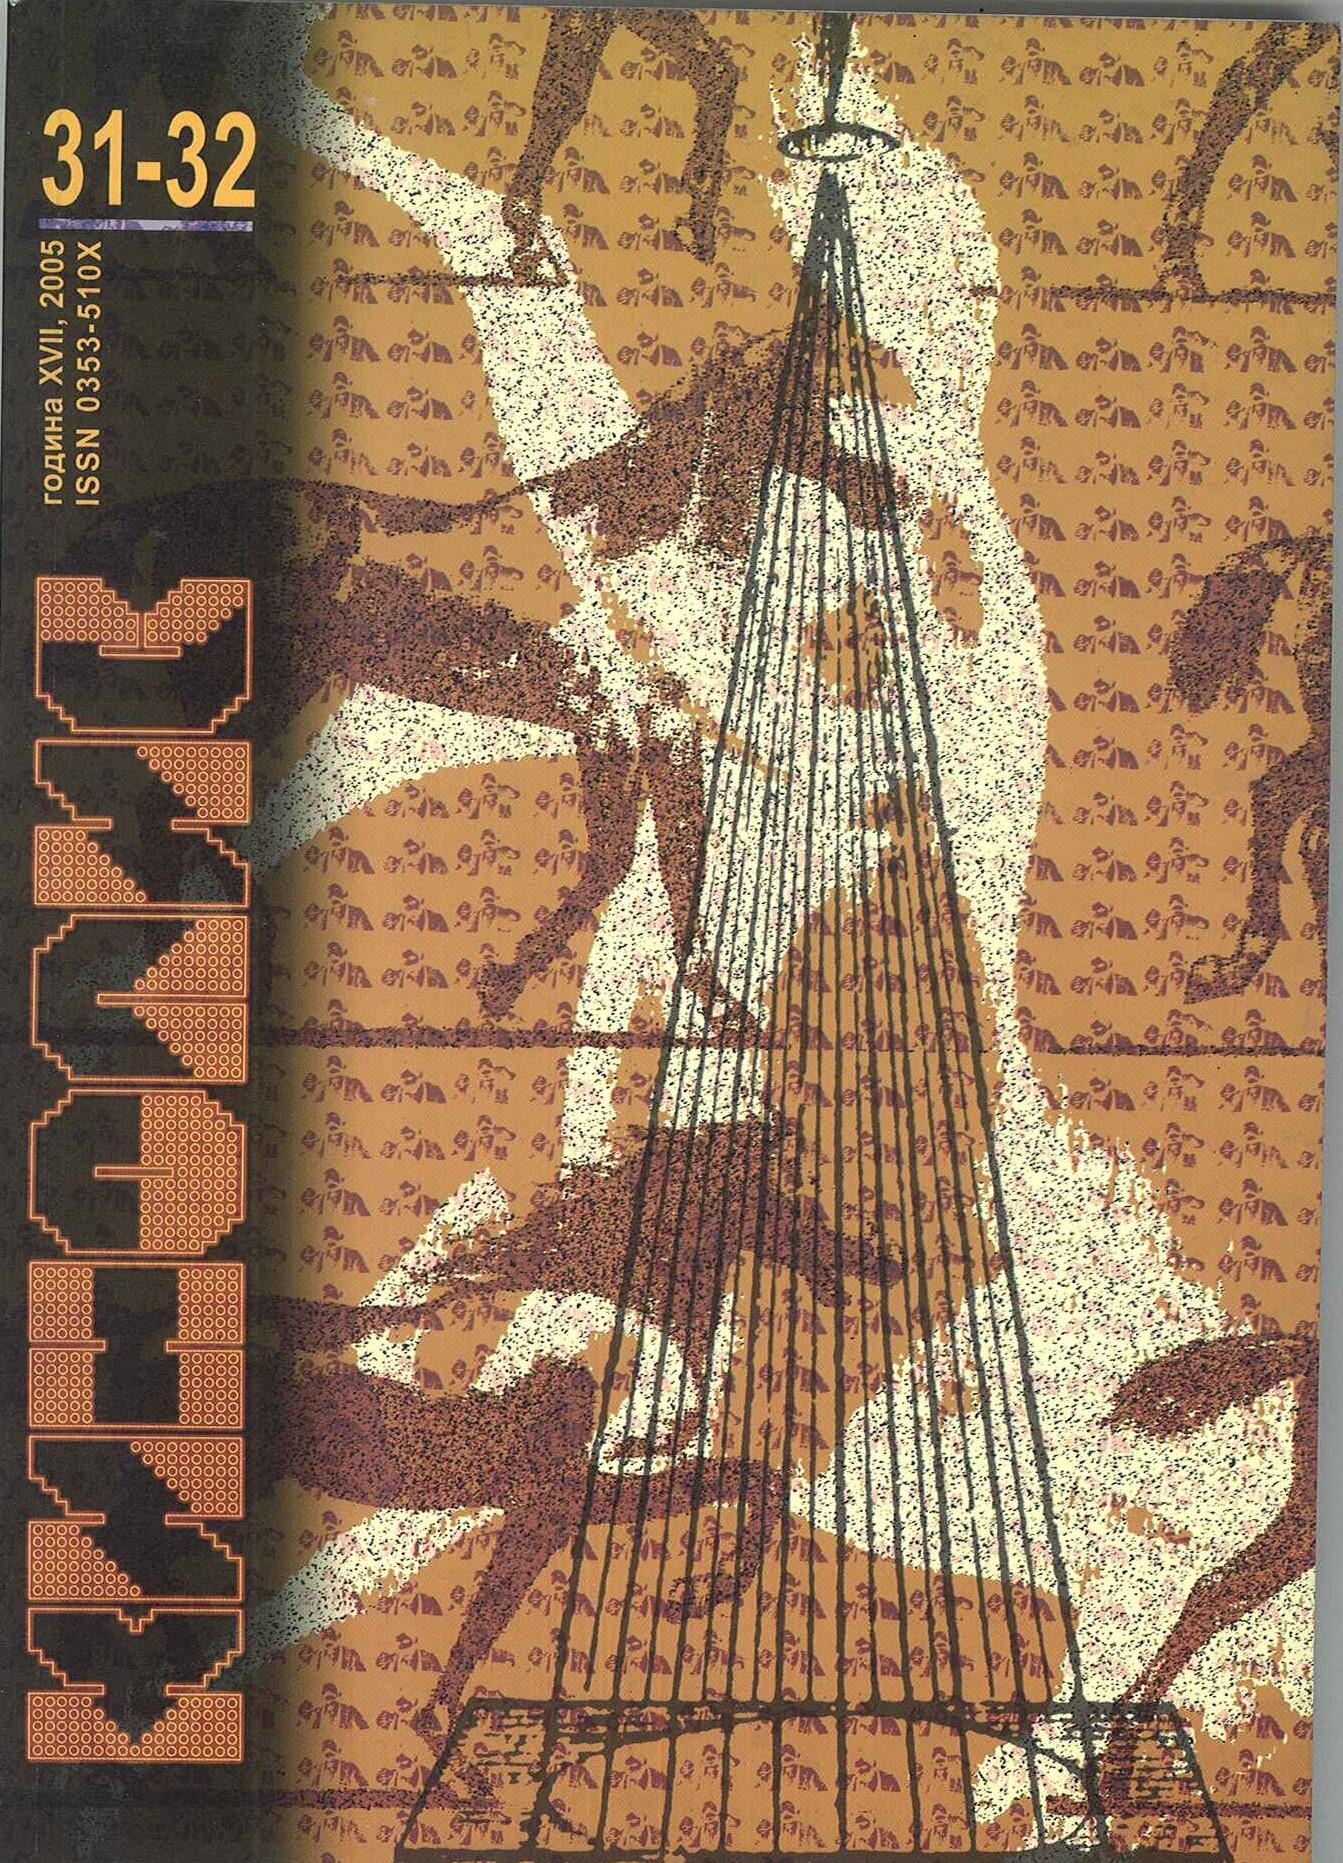 КИНОПИС БР. 31-32